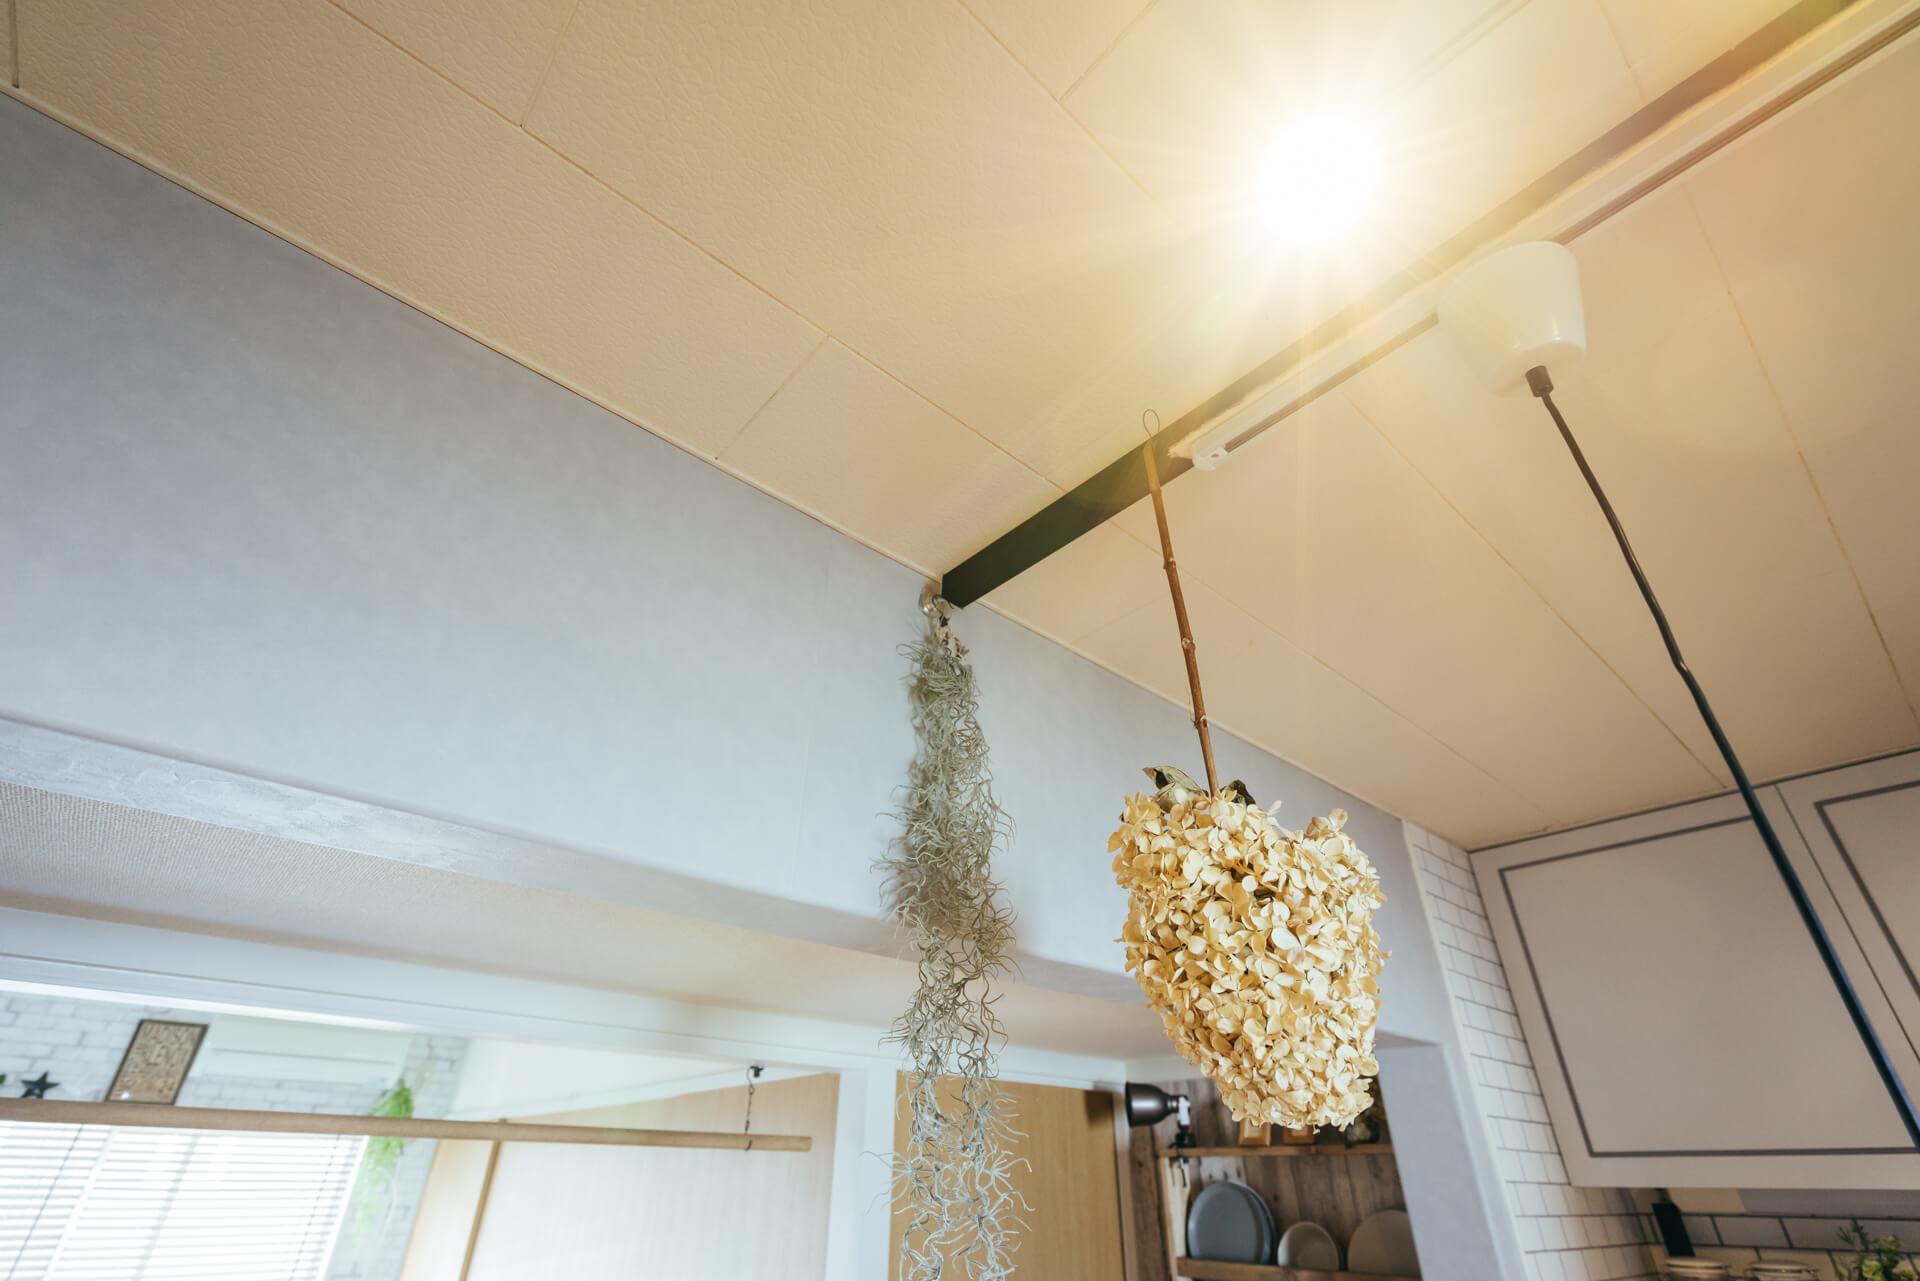 アジャスター金具を使って横向きに取り付けた角材には、ホームセンターで購入したダクトレールをとりつけて、ライティングレールにしています。